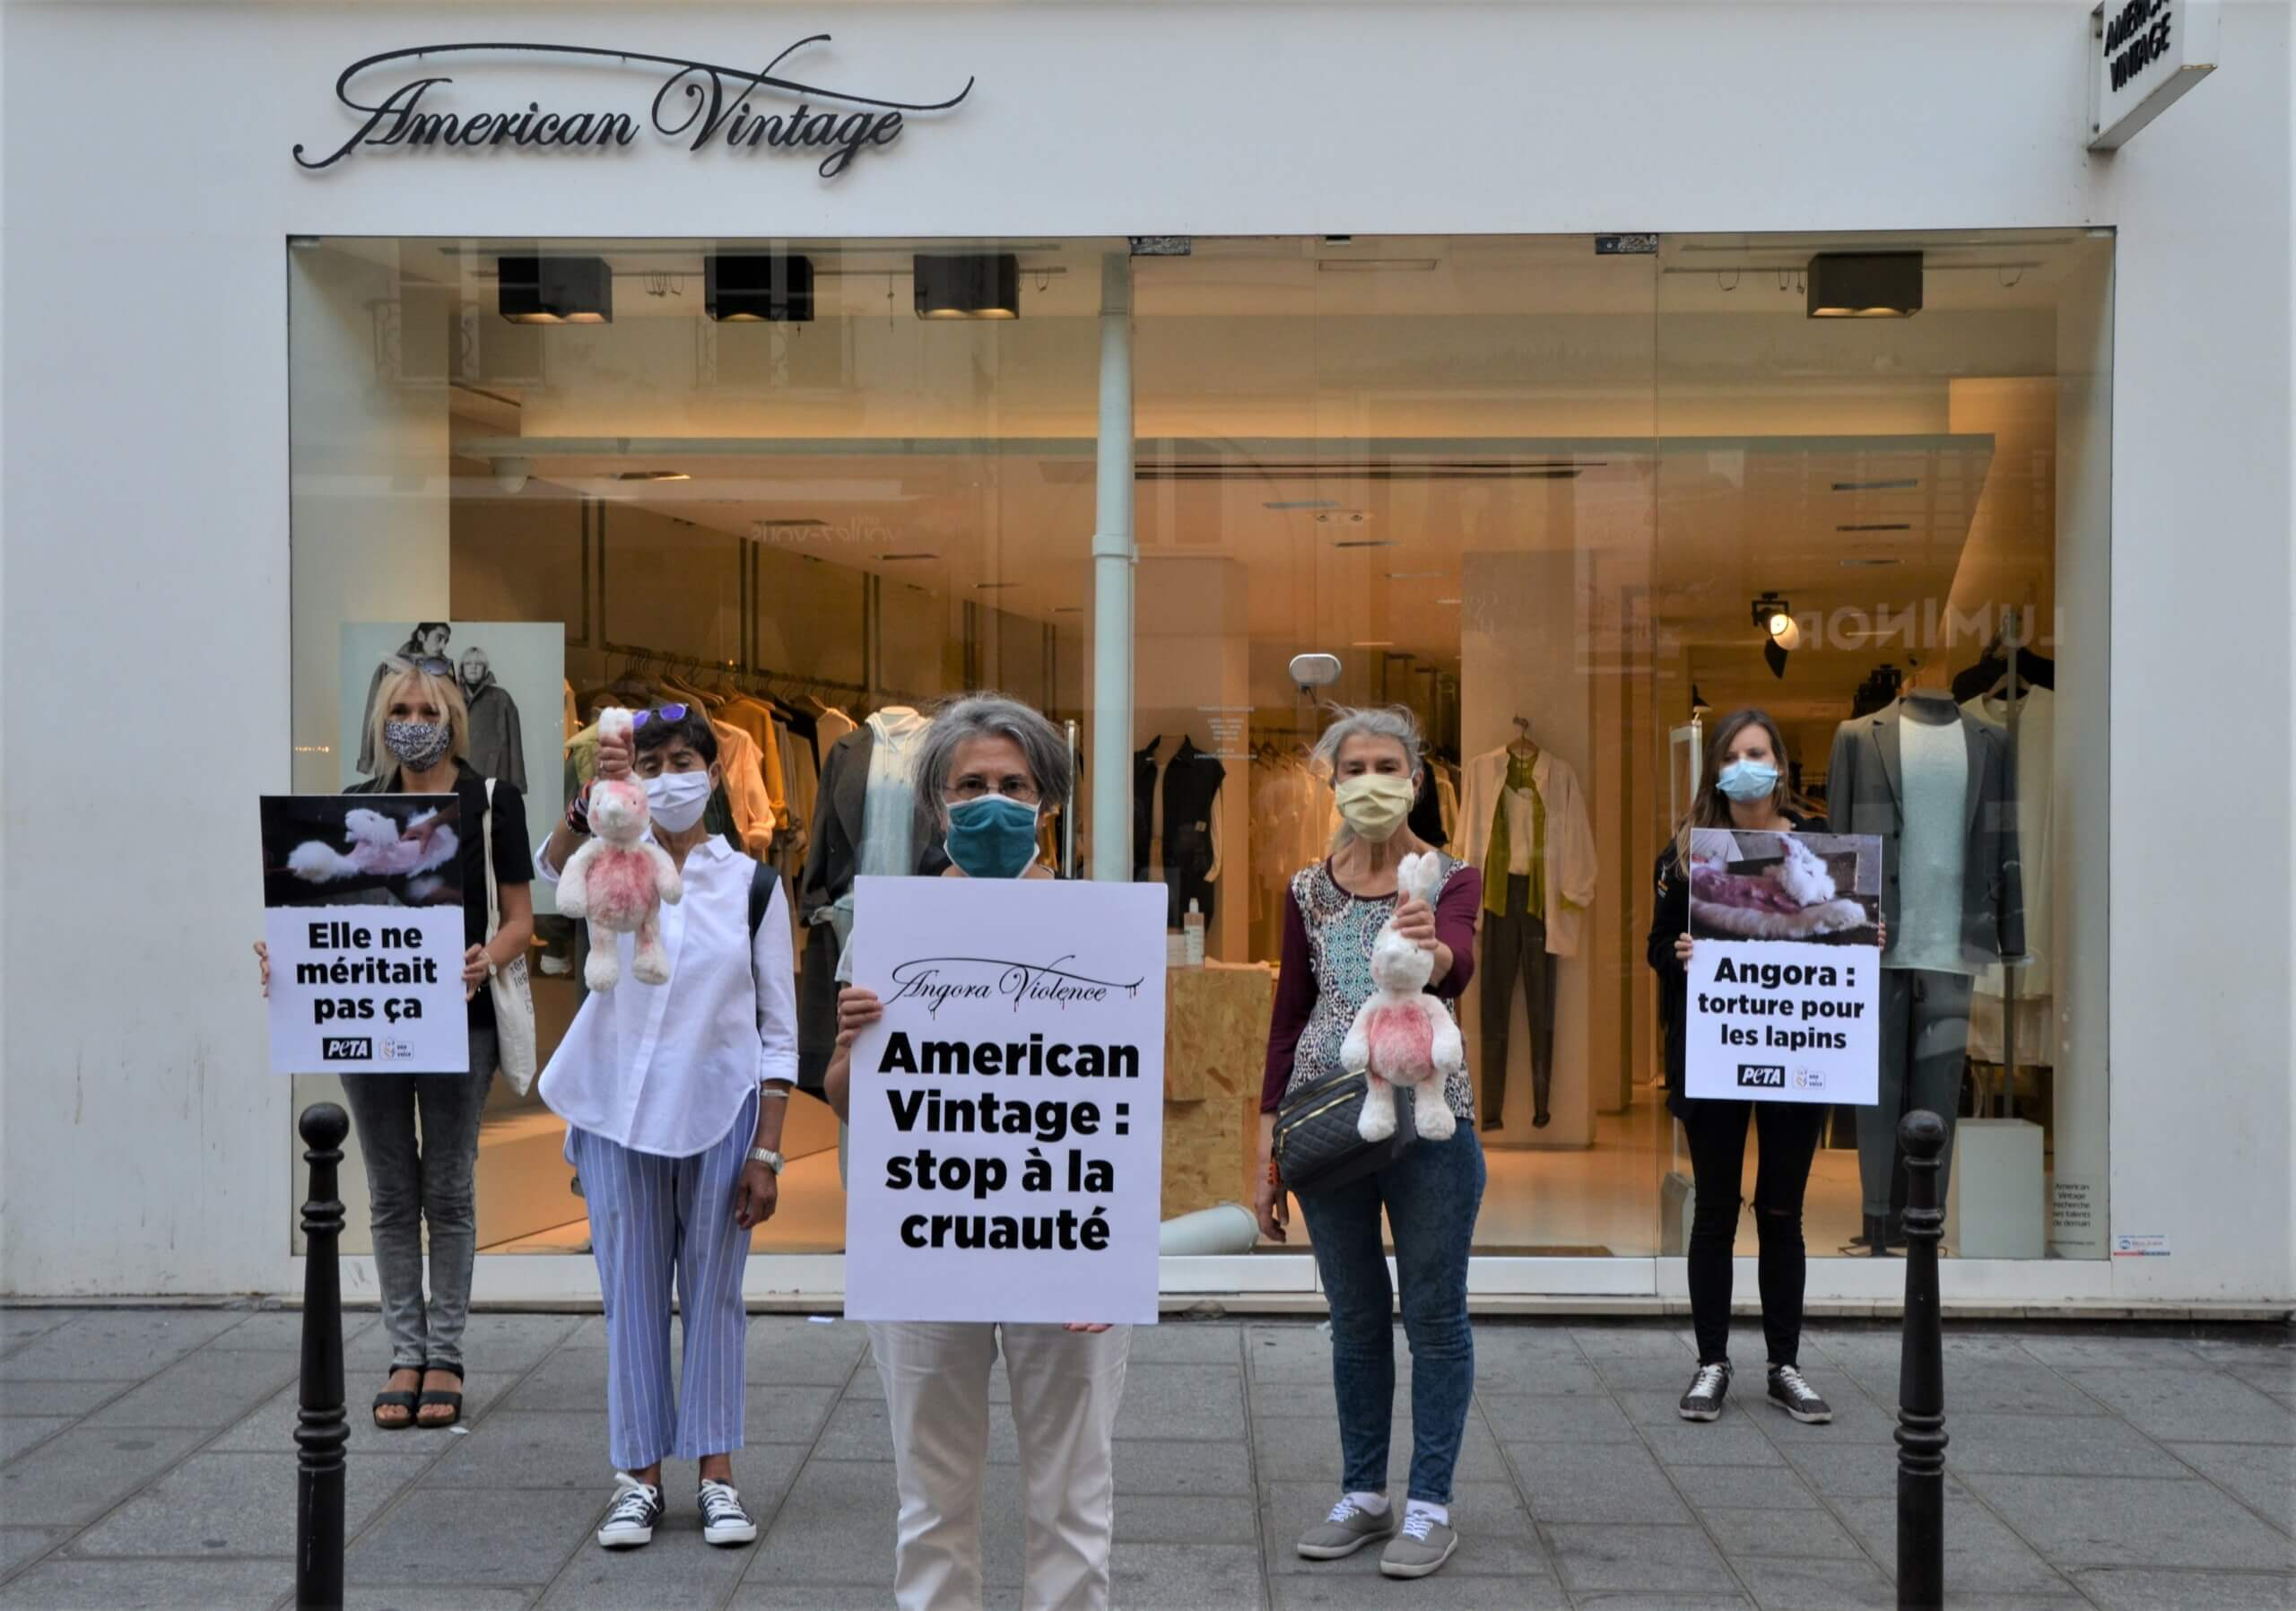 Journée d'action ! Des militants du monde entier appellent American Vintage à cesser l'angora